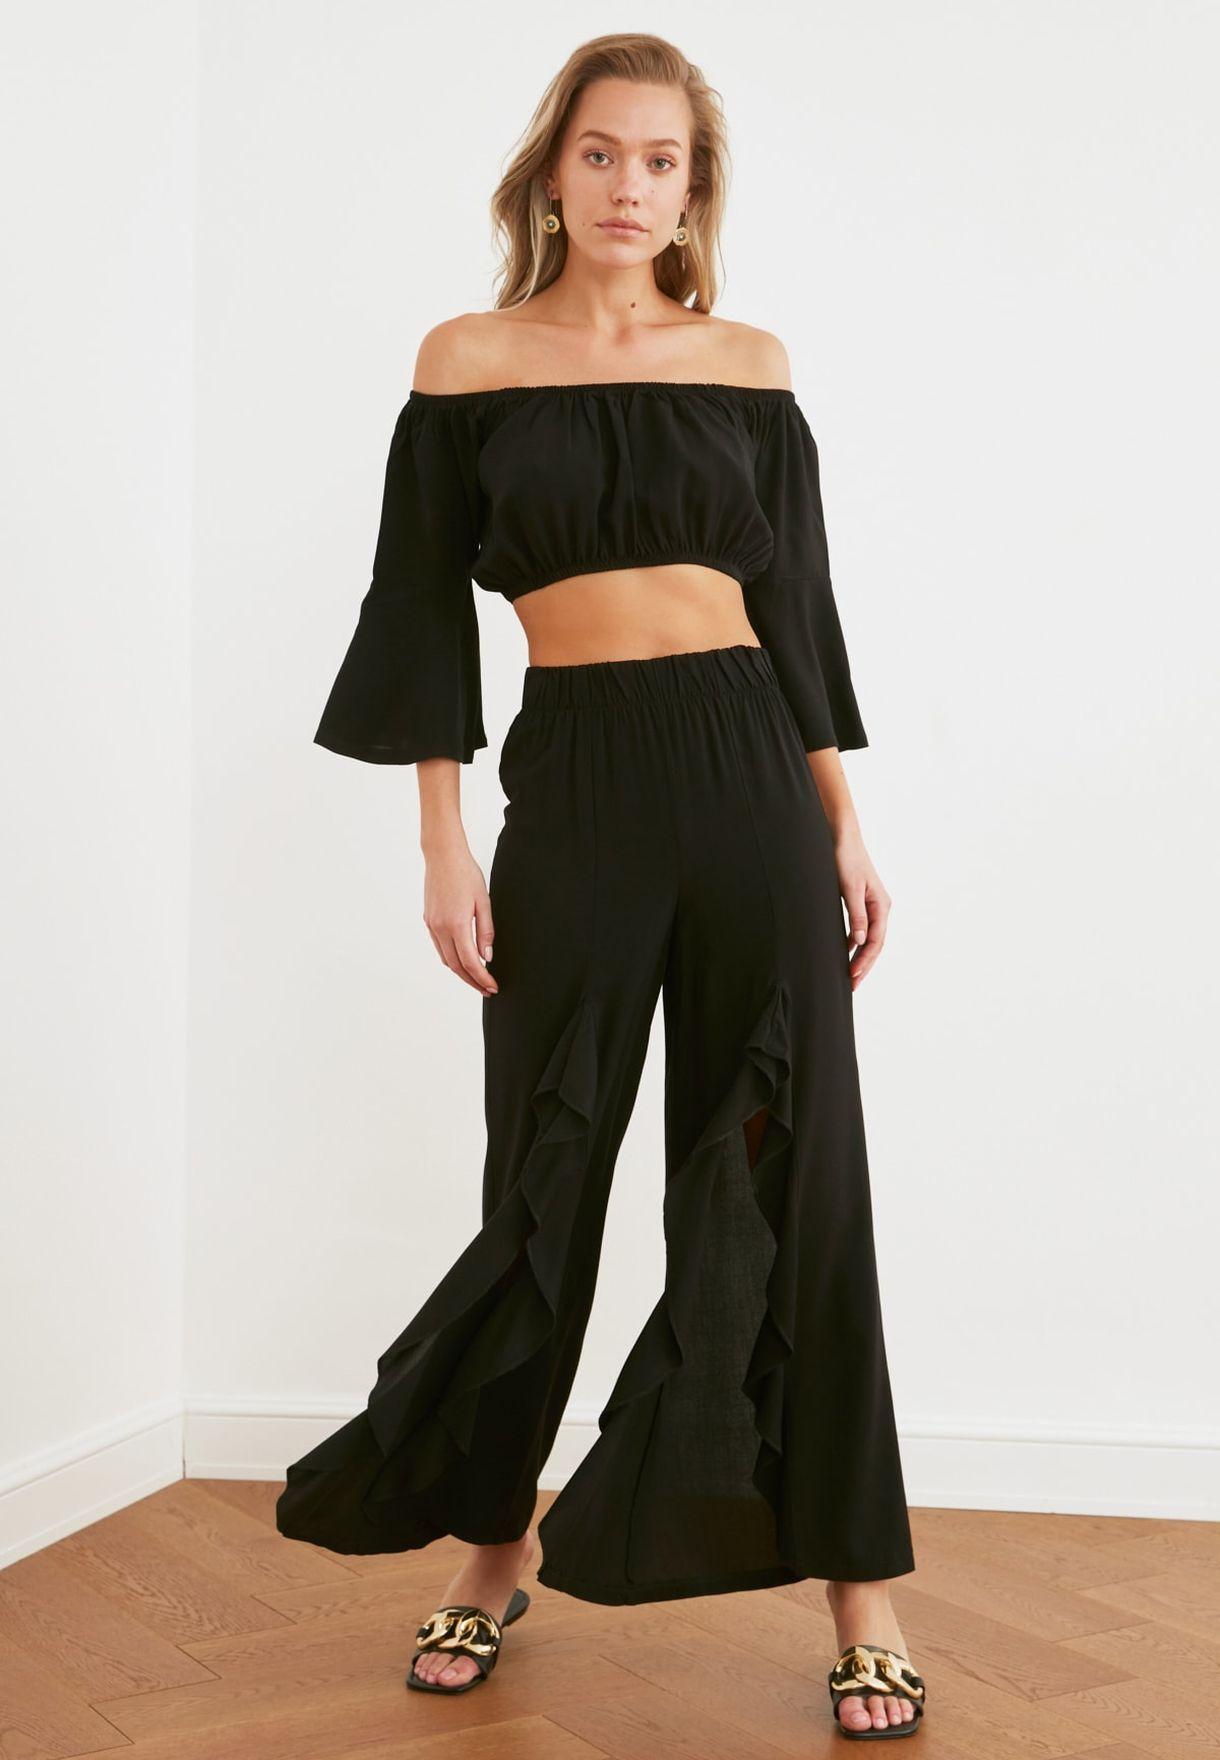 Bardot Crop Top & Pants Set